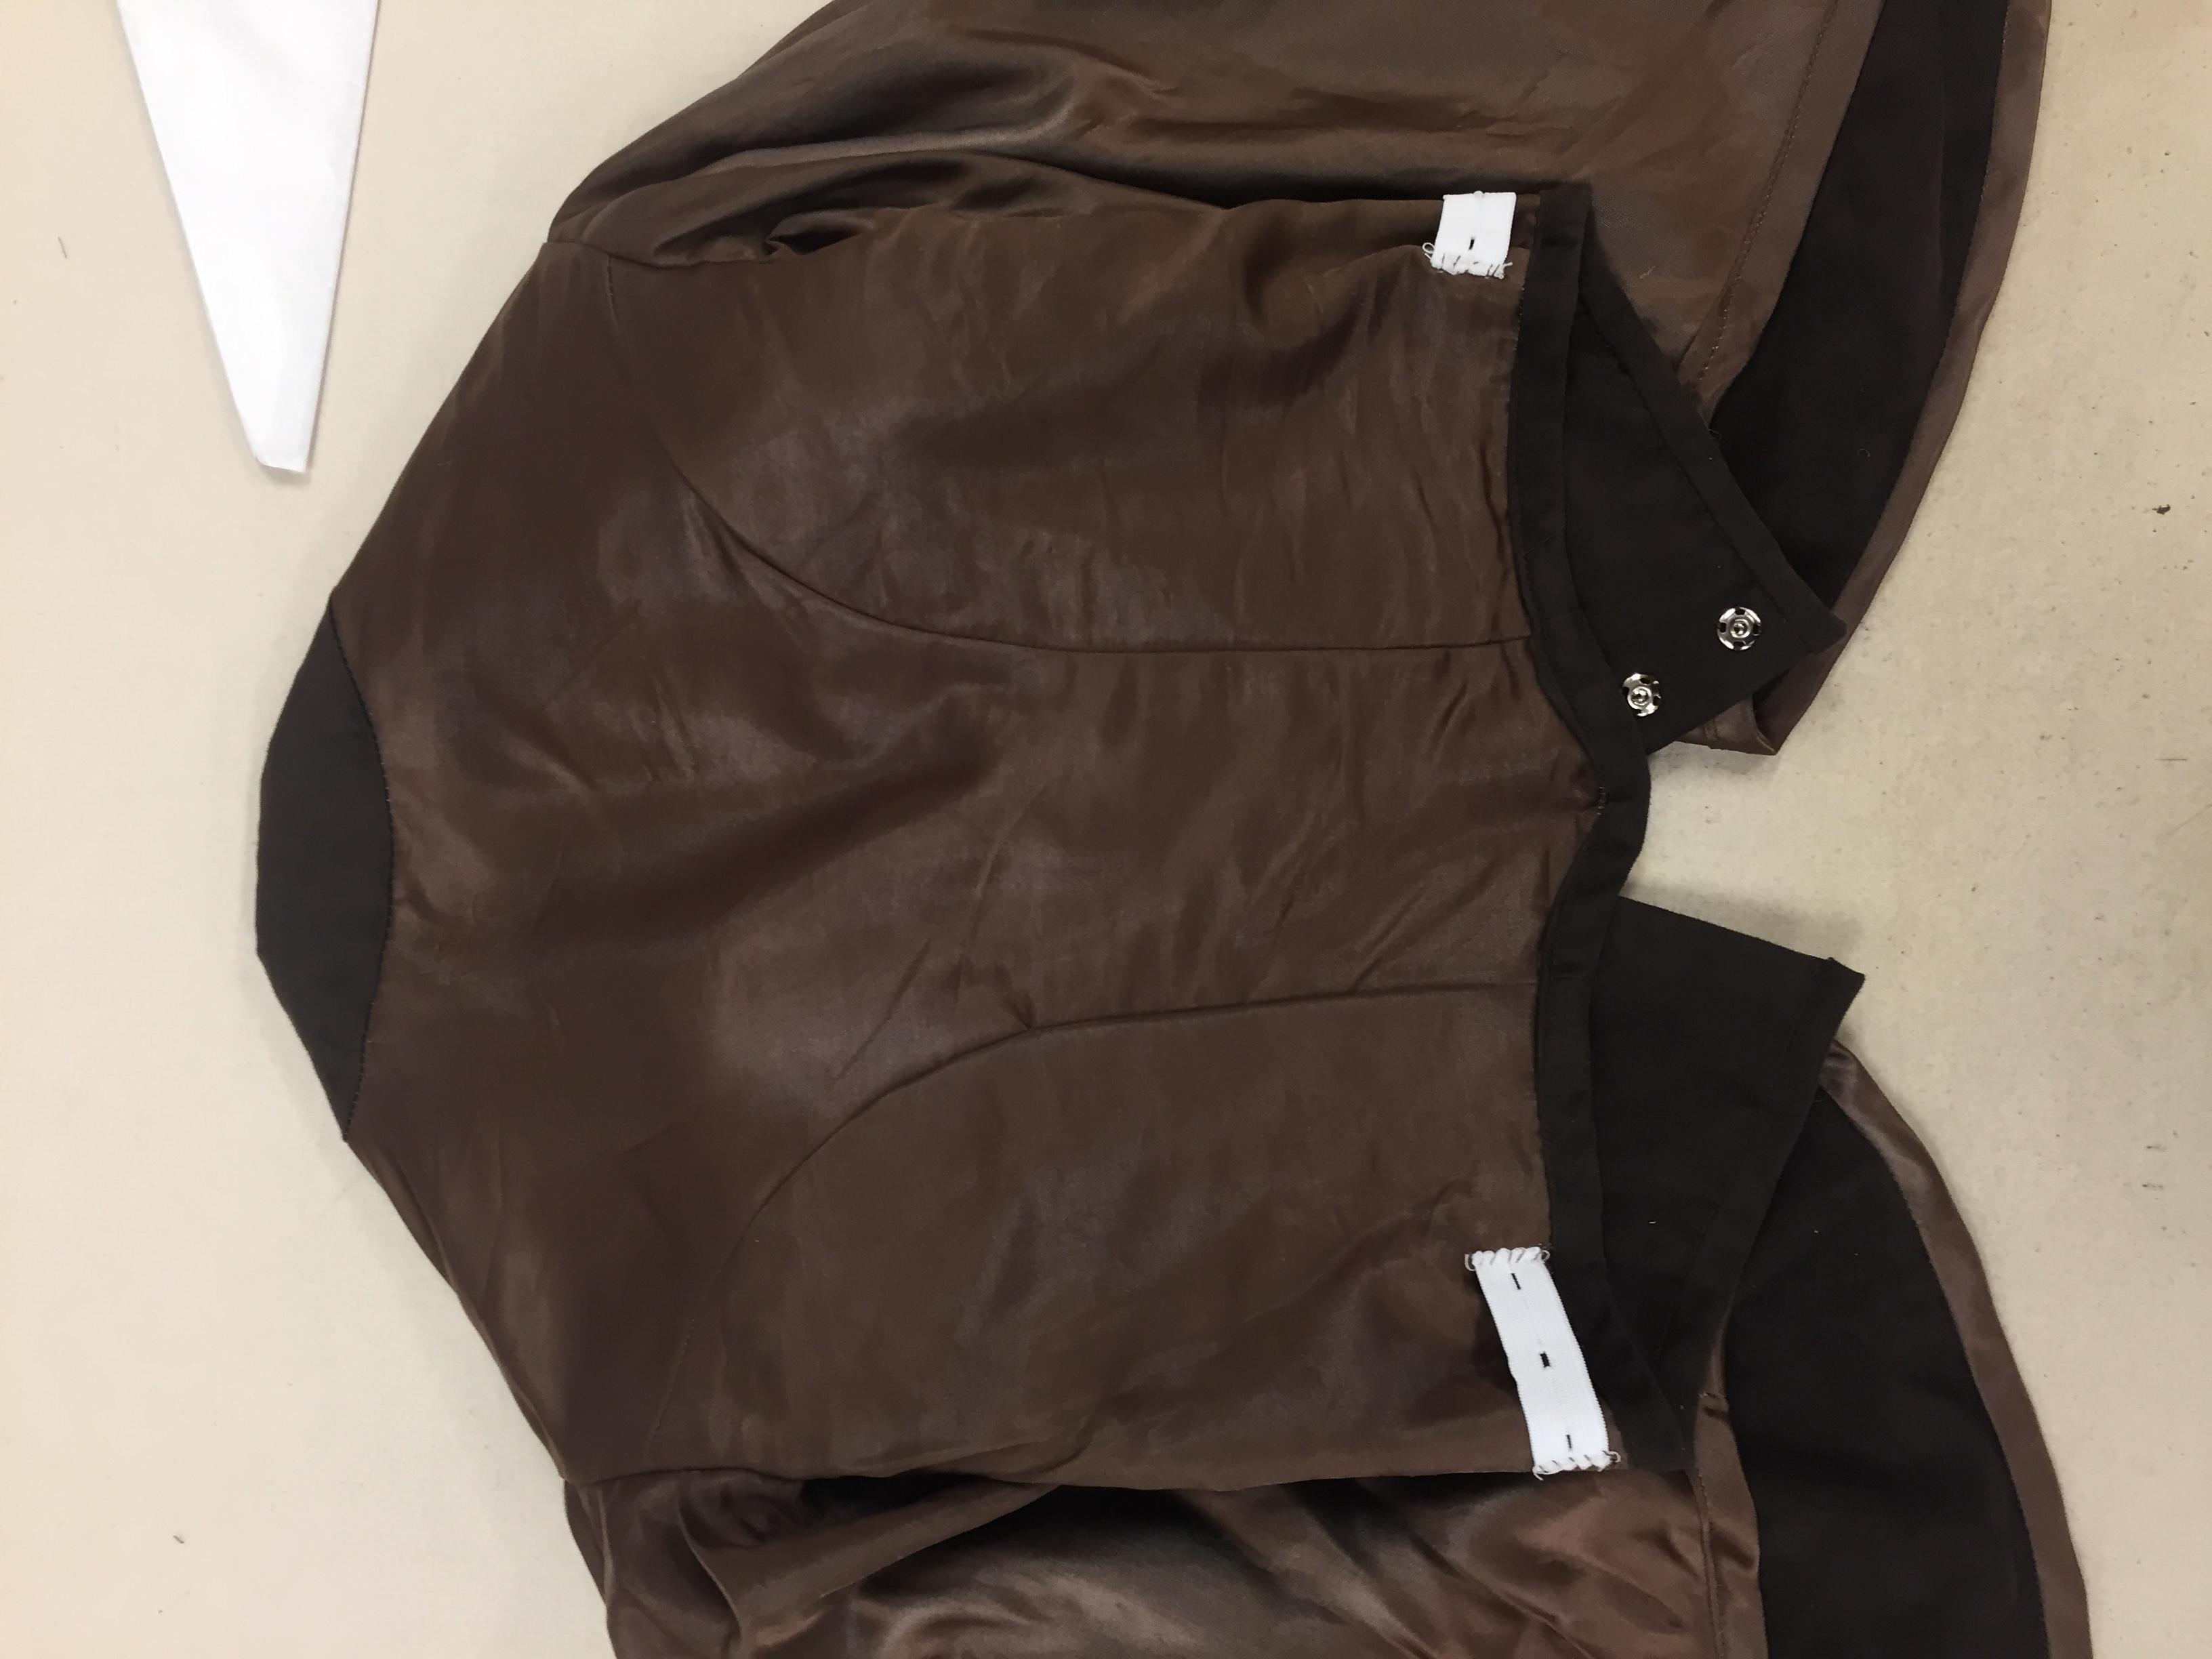 Jacket Details